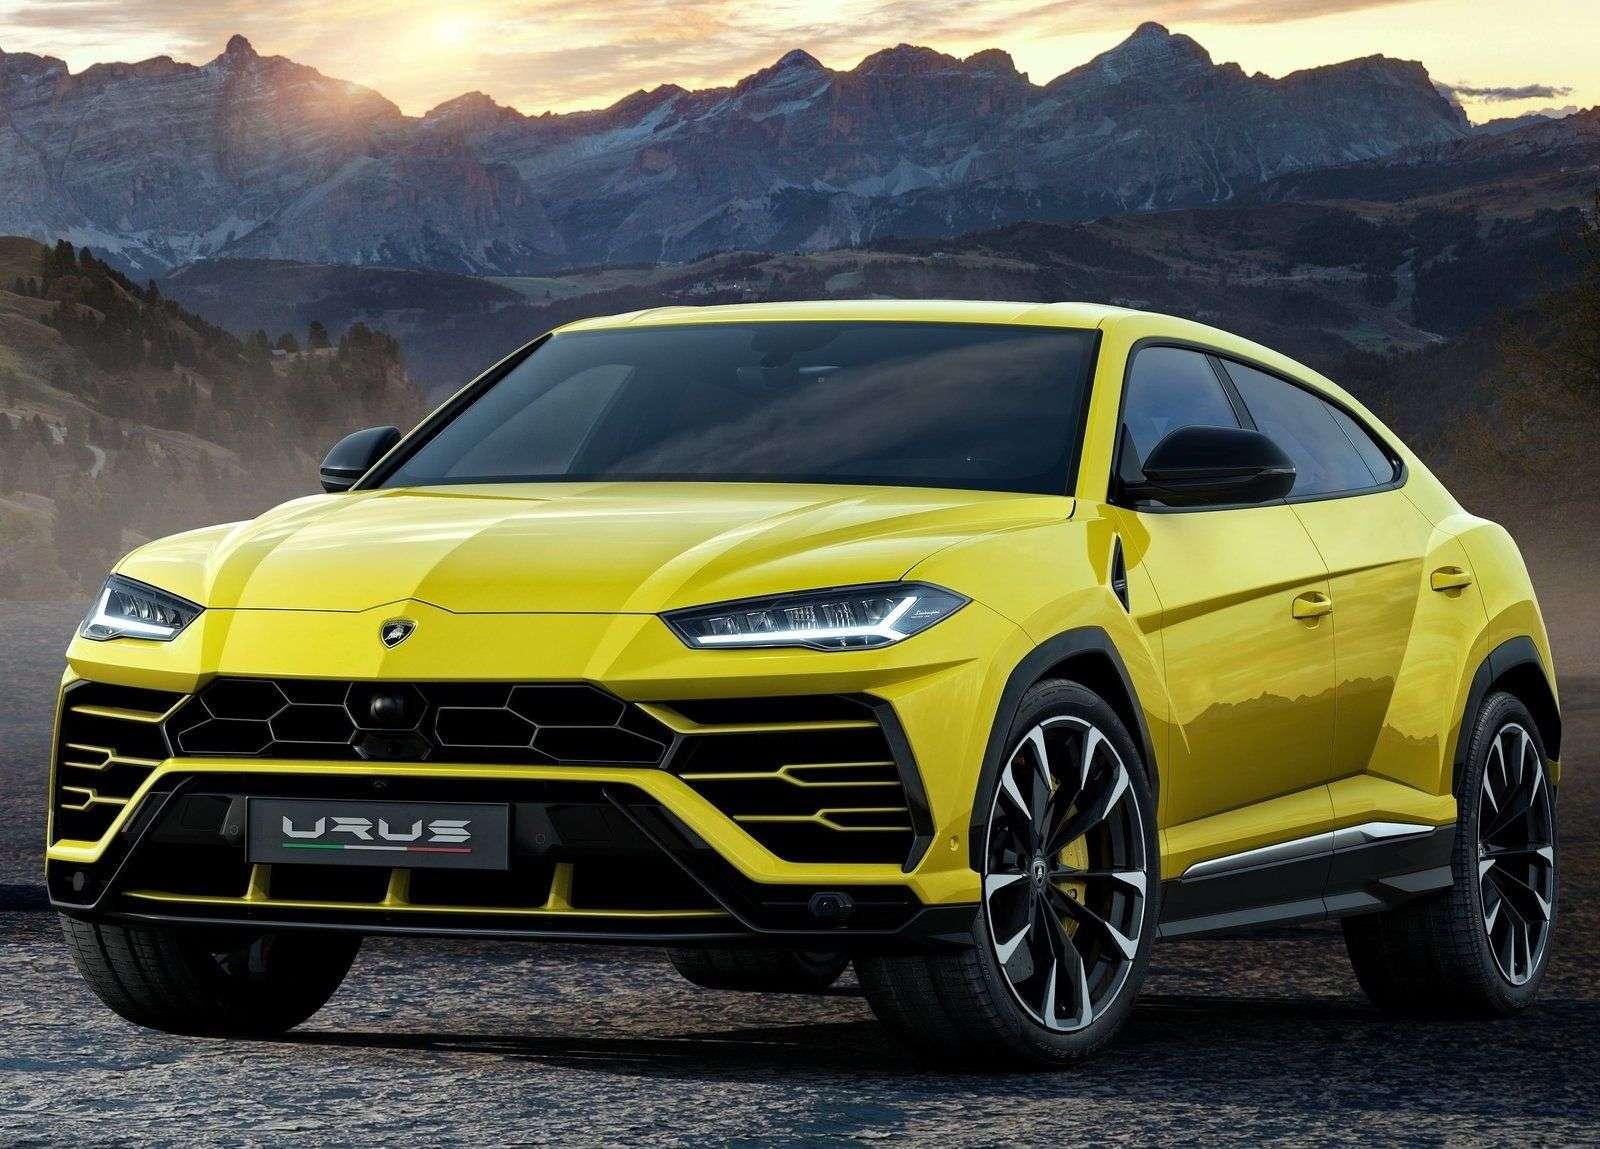 1512662955 svetoidodna optika lamborghini urus 2019 - Обзор кроссовера Lamborghini Urus 2019